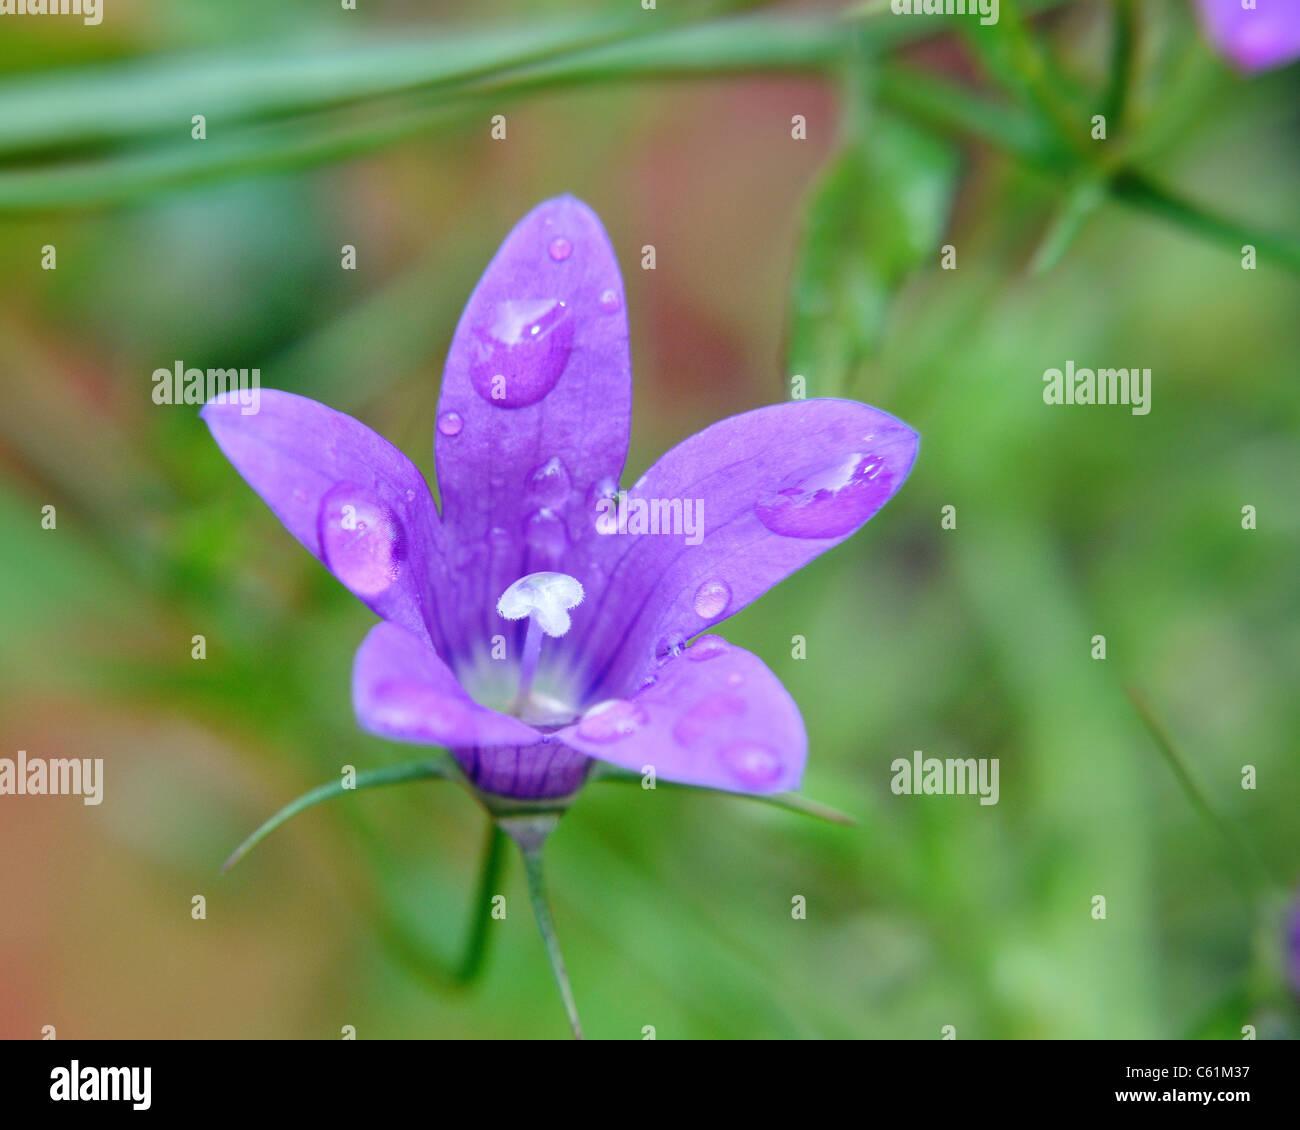 Testa di fiore closeup card simpatia saluto viola estate verde close up macro Immagini Stock